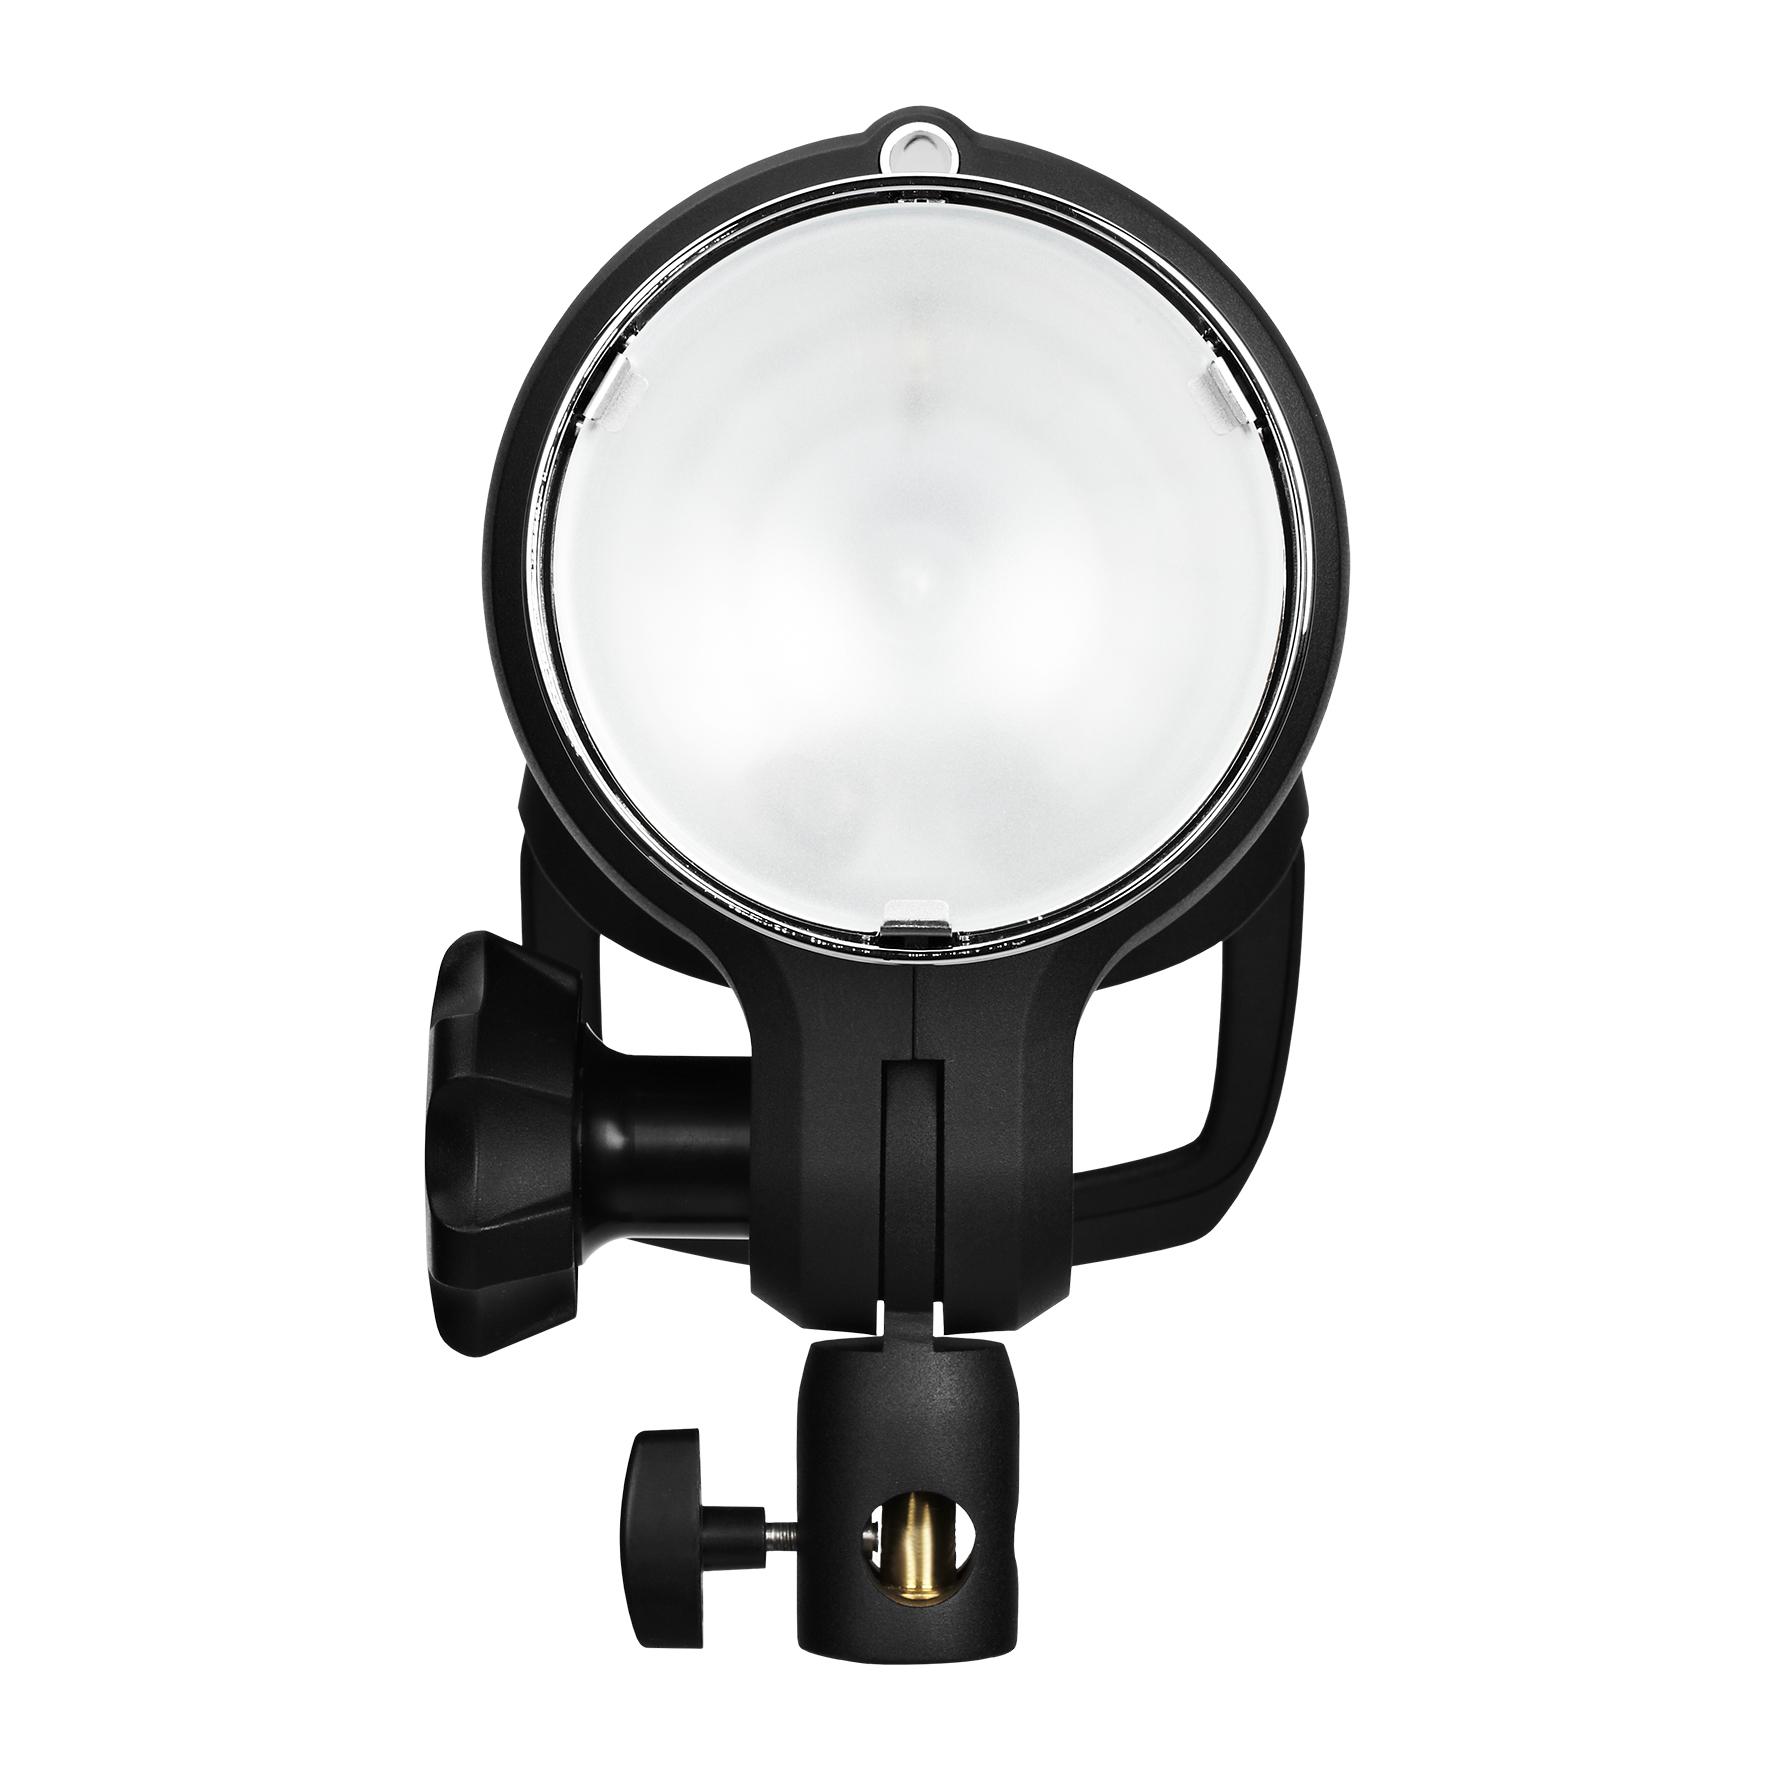 発光部には照射角77度の標準リフレクターが内蔵されている。表面のフロントガラスはすりガラスで標準搭載。拡散光を演出する。これはD1シリーズやB1 500 AirTTLと同じ形状だ